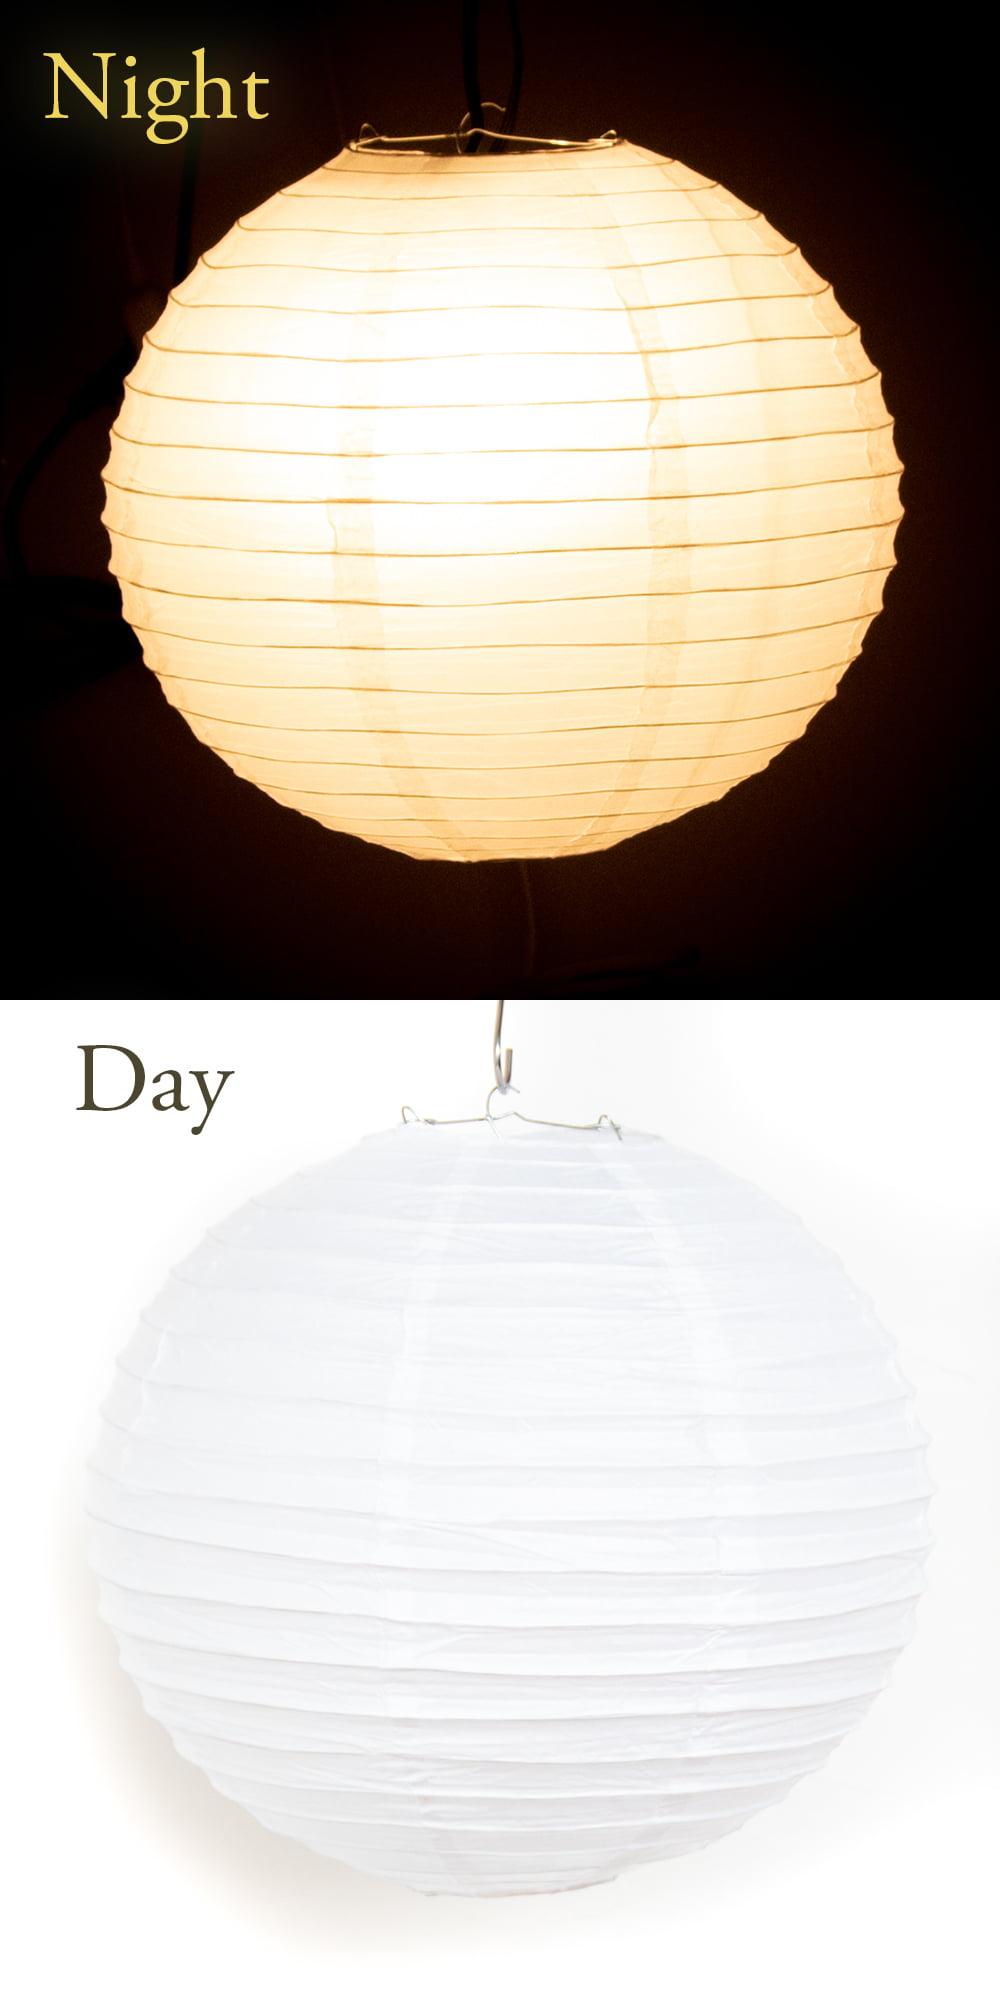 【8色展開】ベトナムのカラフル提灯・ランタン - 丸型 直径30cm 15 - これくらいのサイズ感になります。